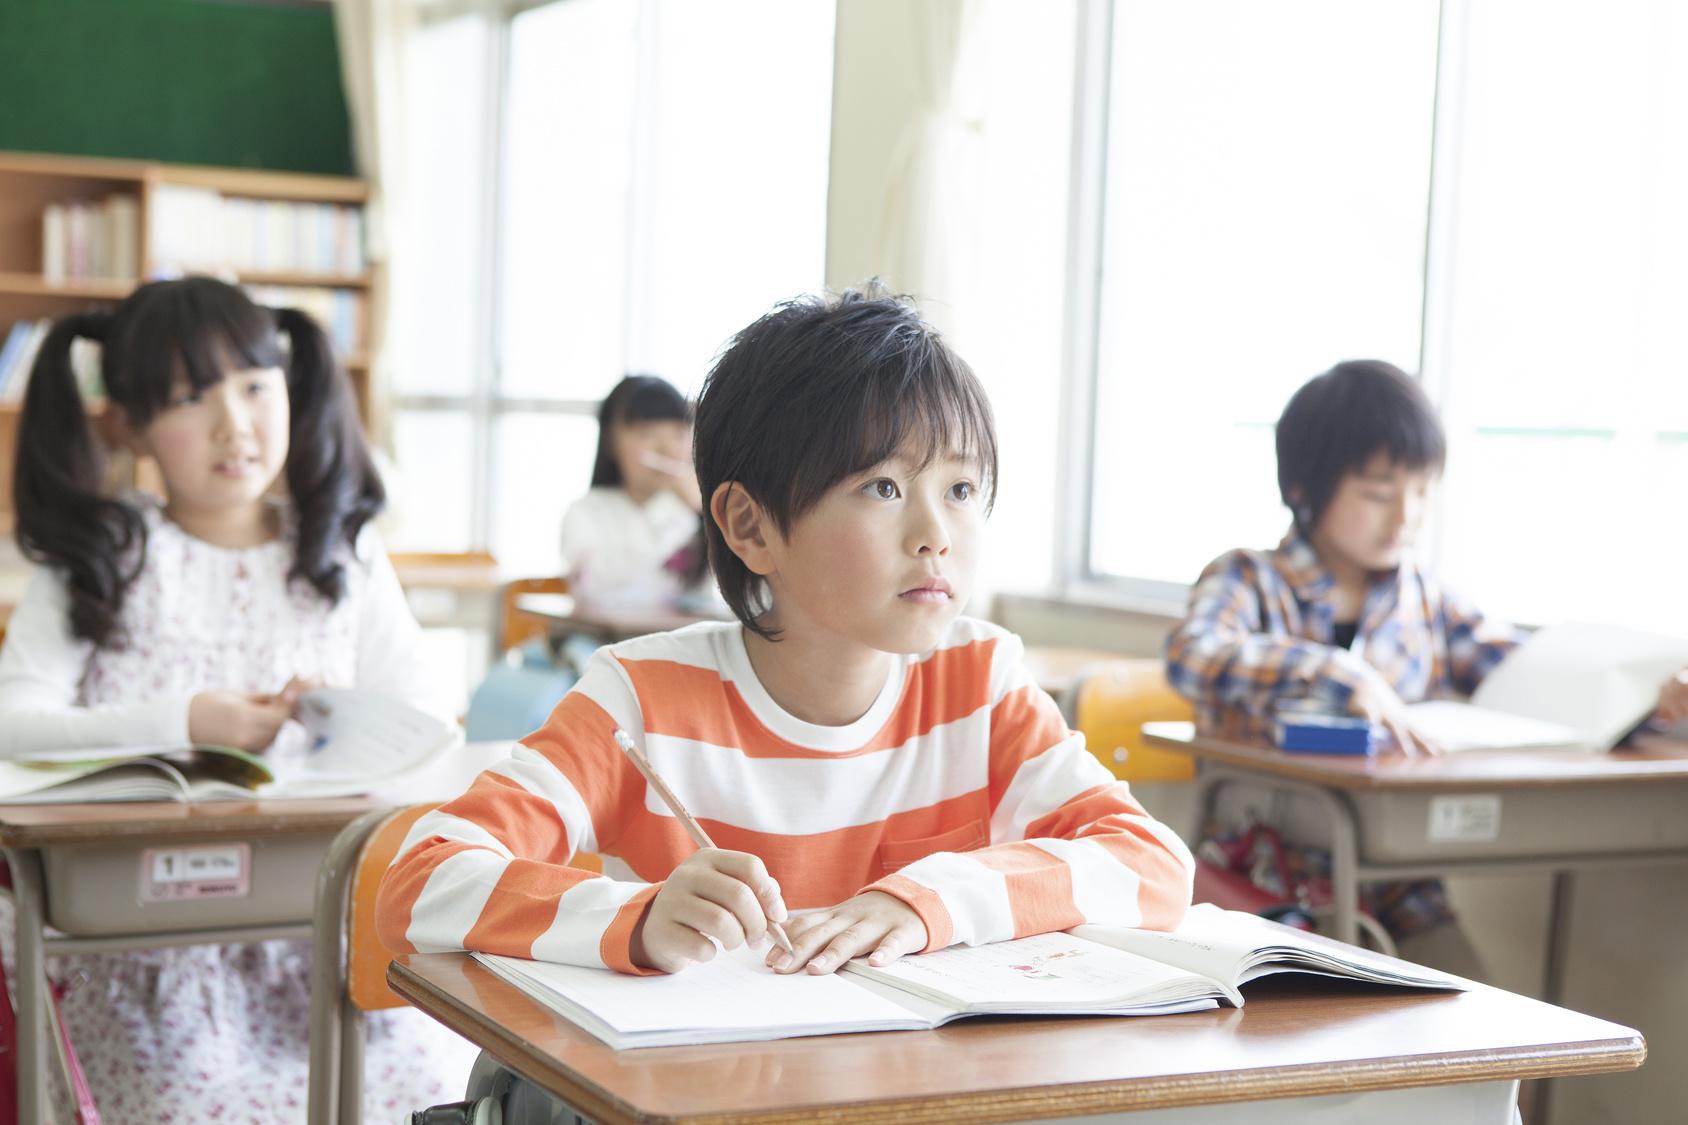 塾に通うことの5つのメリット